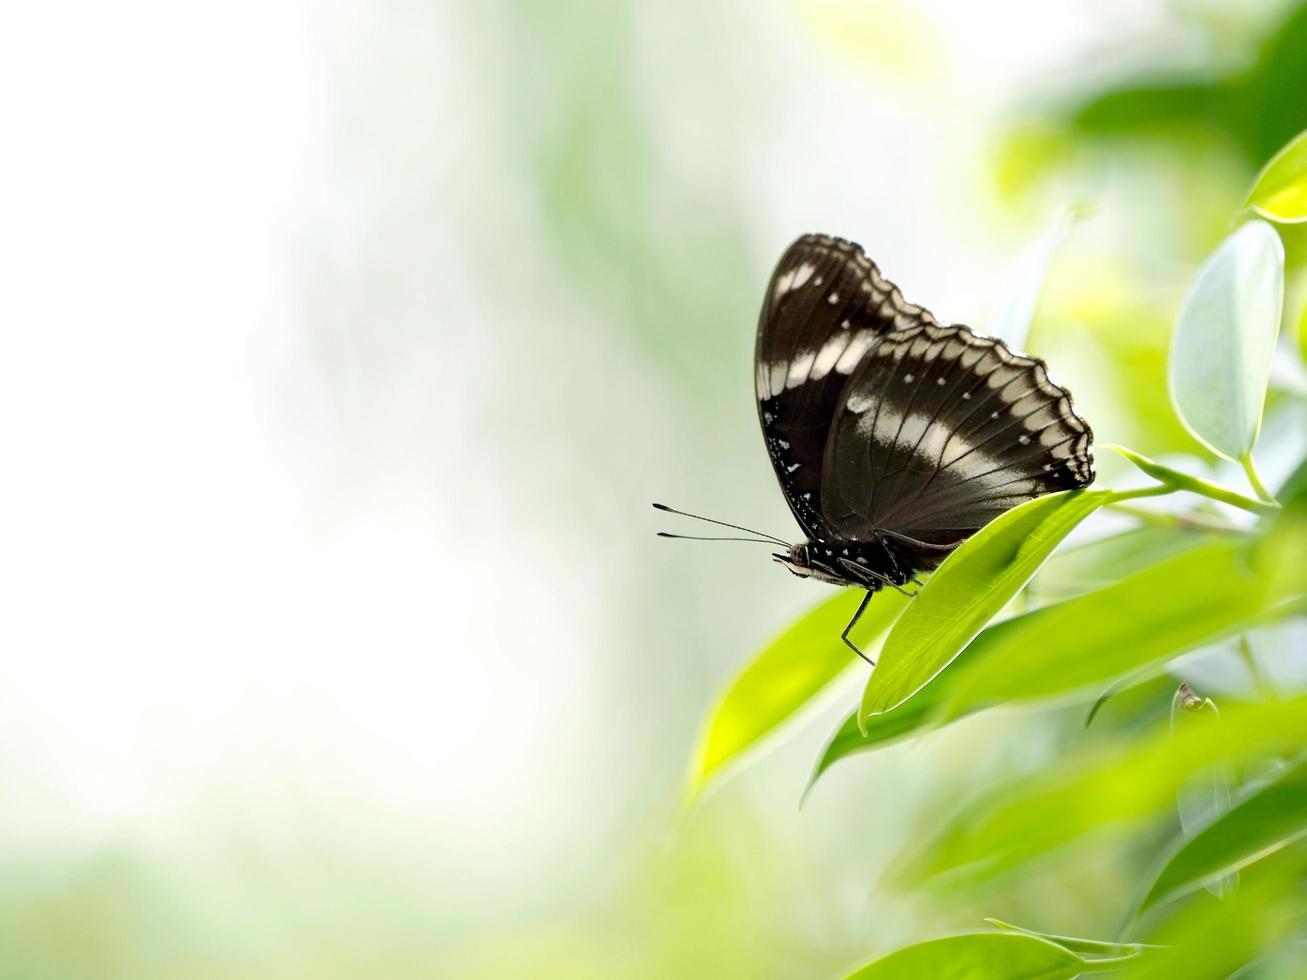 farfalla nera su foglia verde foto